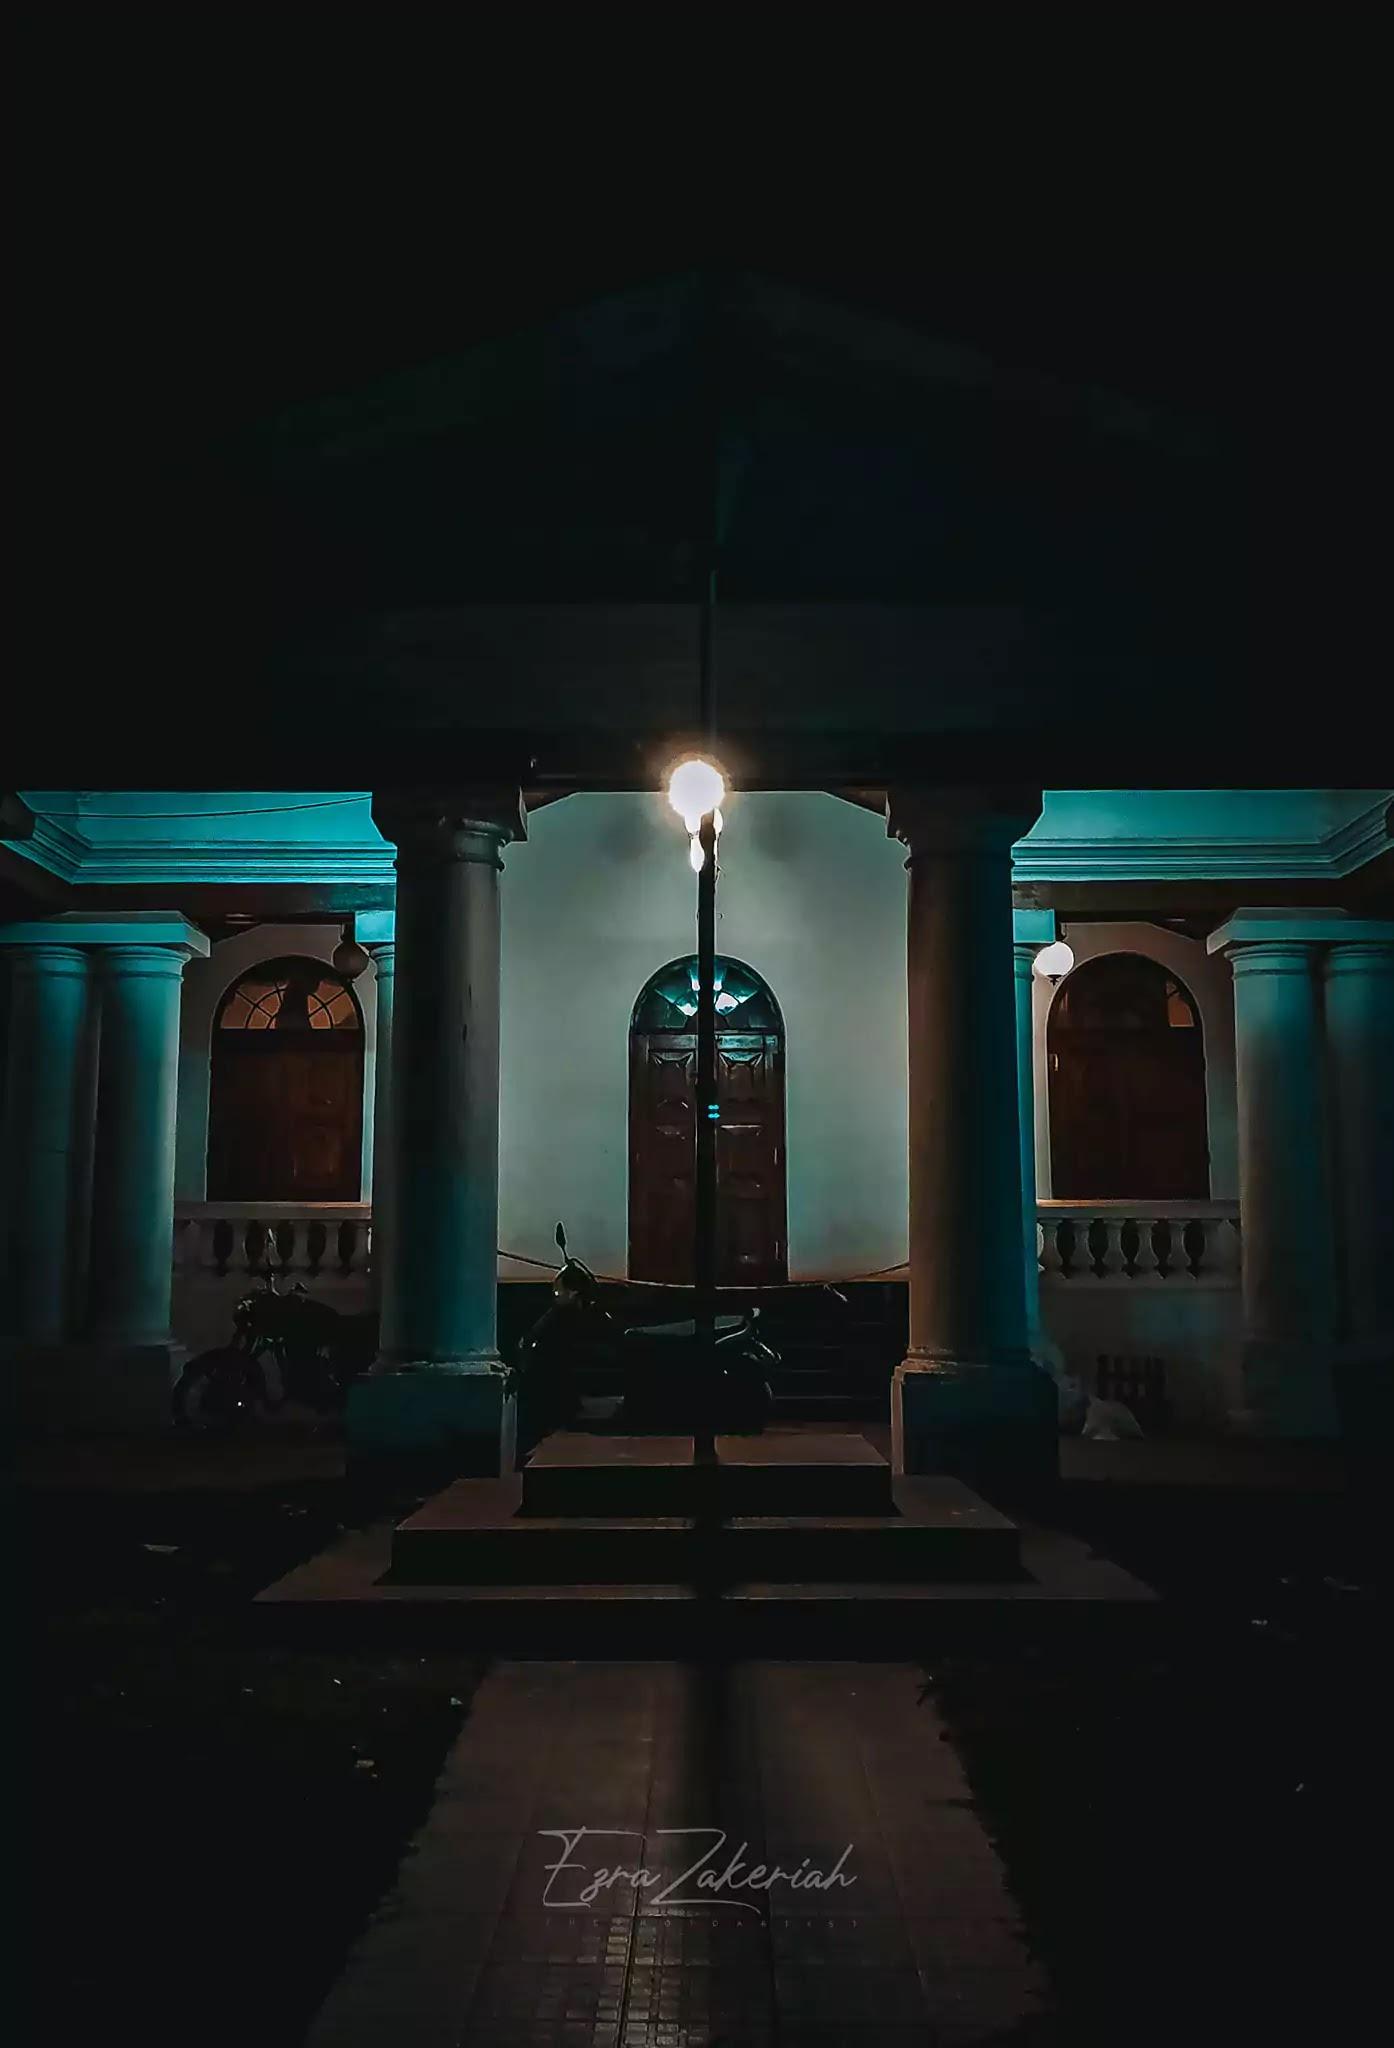 Kanakakkunnu Palace, Thiruvananthapuram